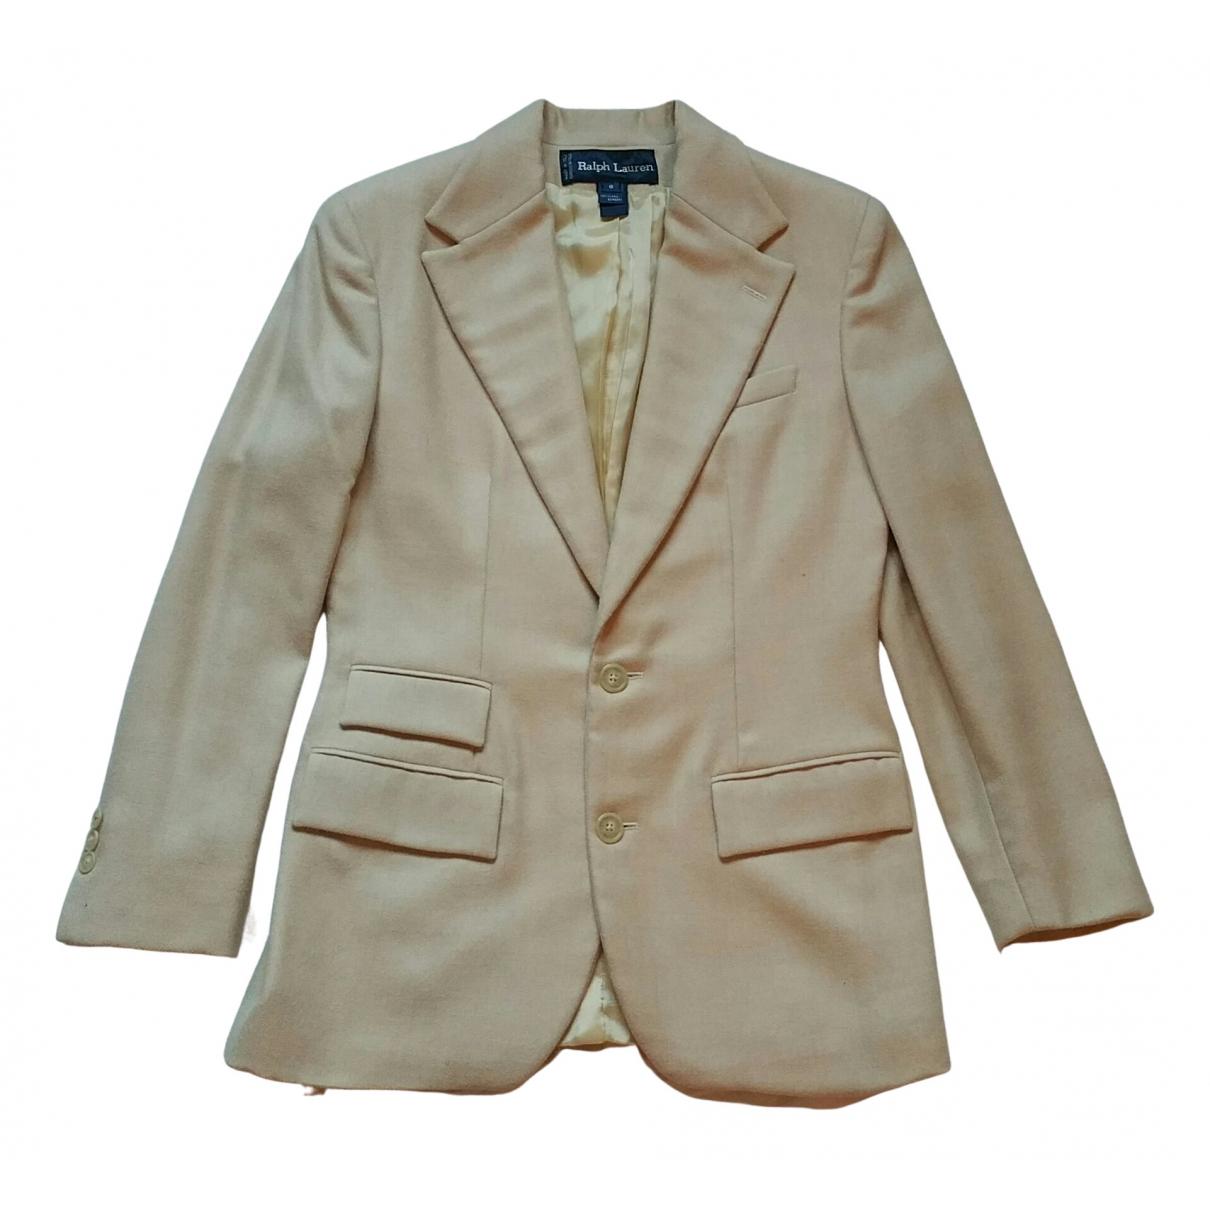 Ralph Lauren \N Beige Wool jacket for Women 8 US